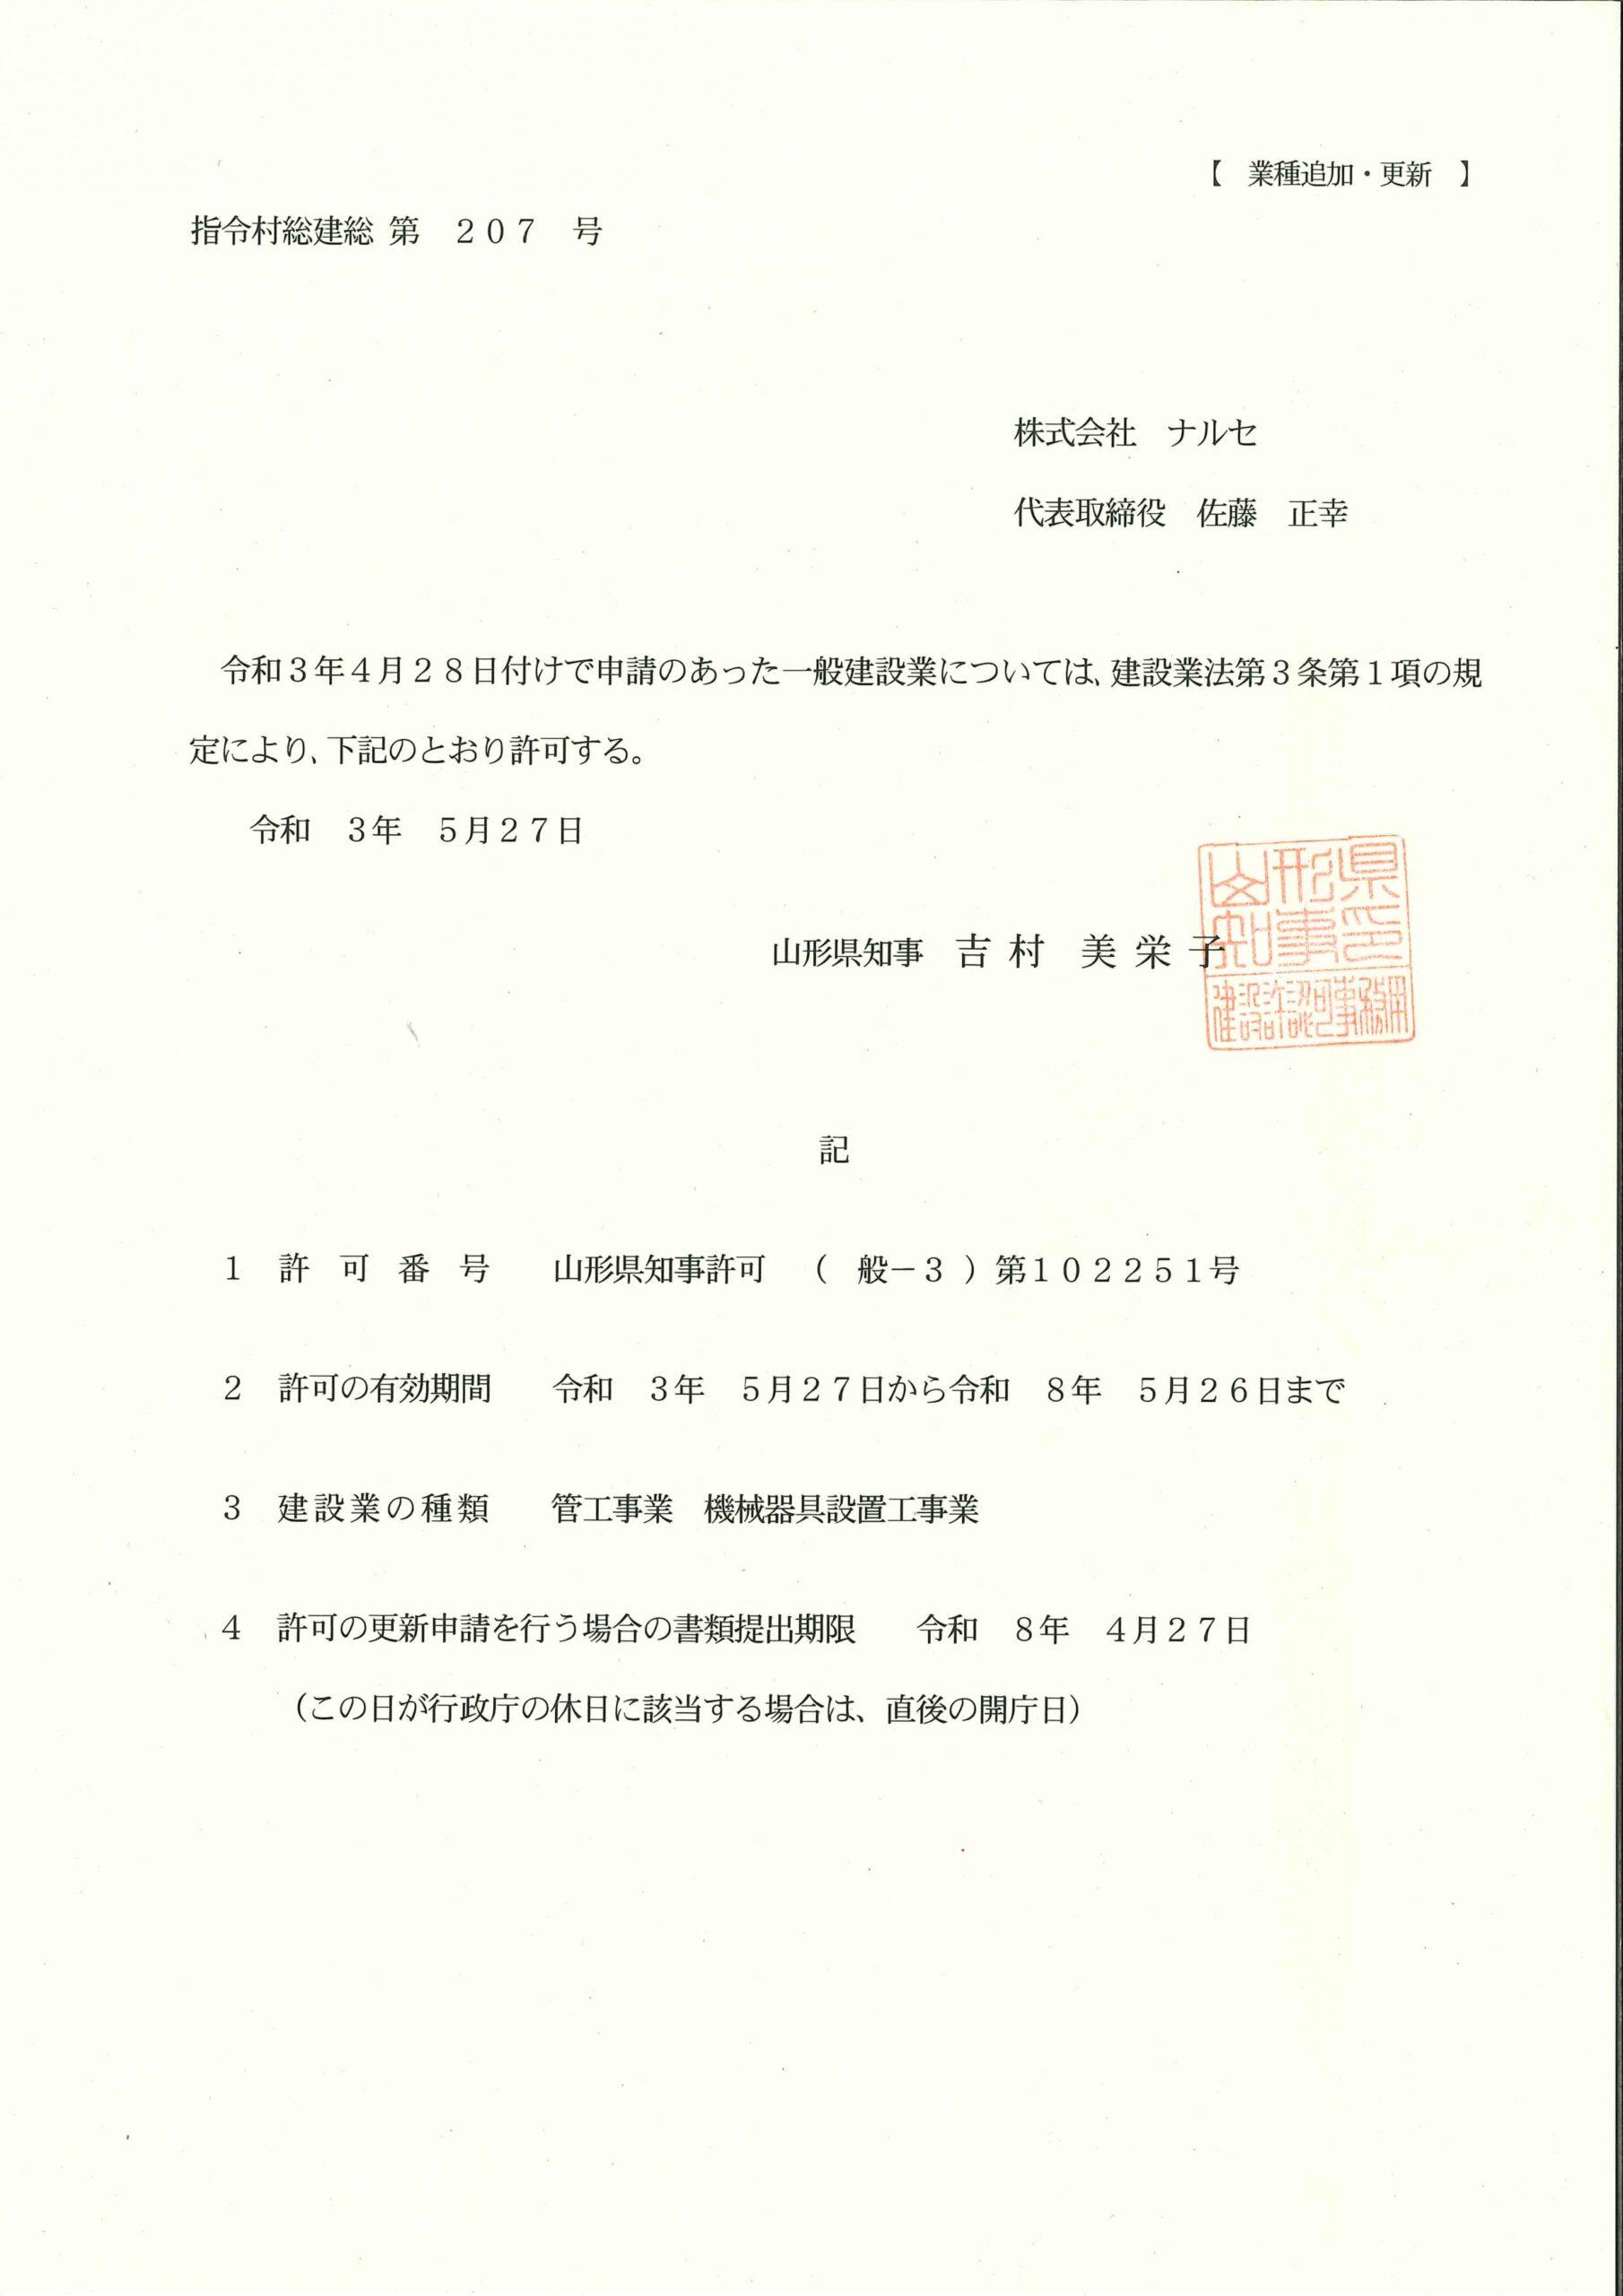 建設業許可(管工事業 機械器具設置工事業) 山形県知事許可(般-3)第102251号